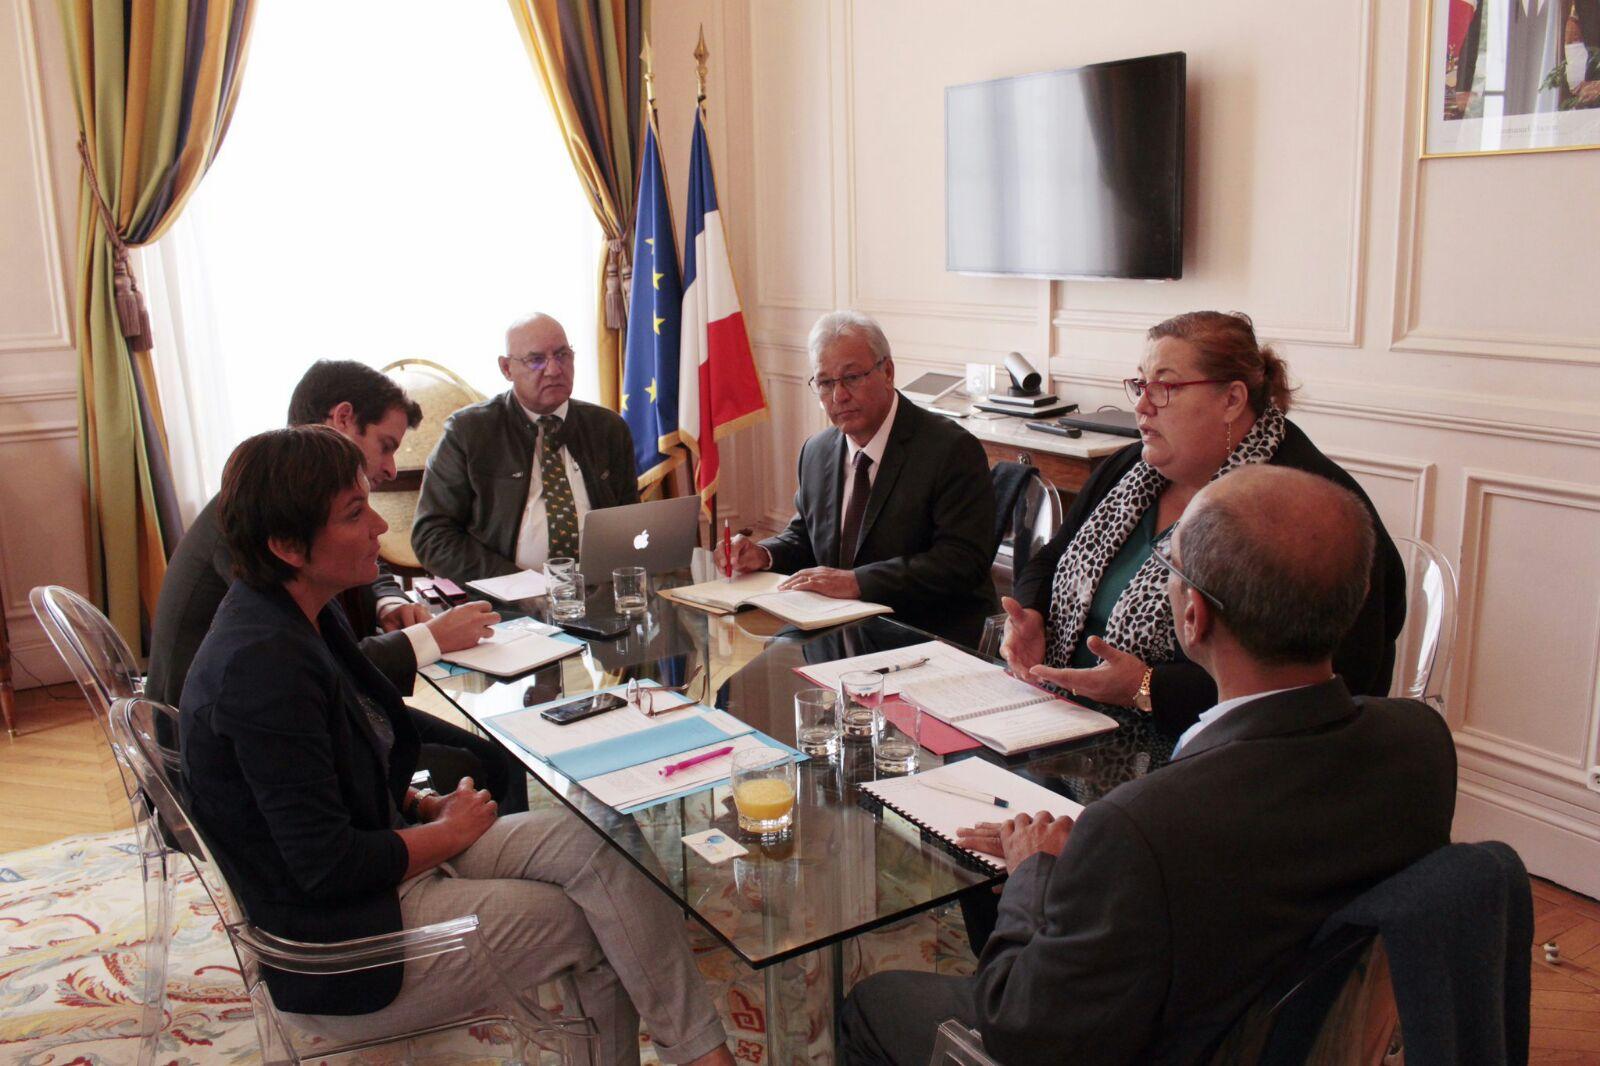 L'ACCD'OM et la Ministre des Outre-mer font le point sur les grands sujets des collectivités ultramarines